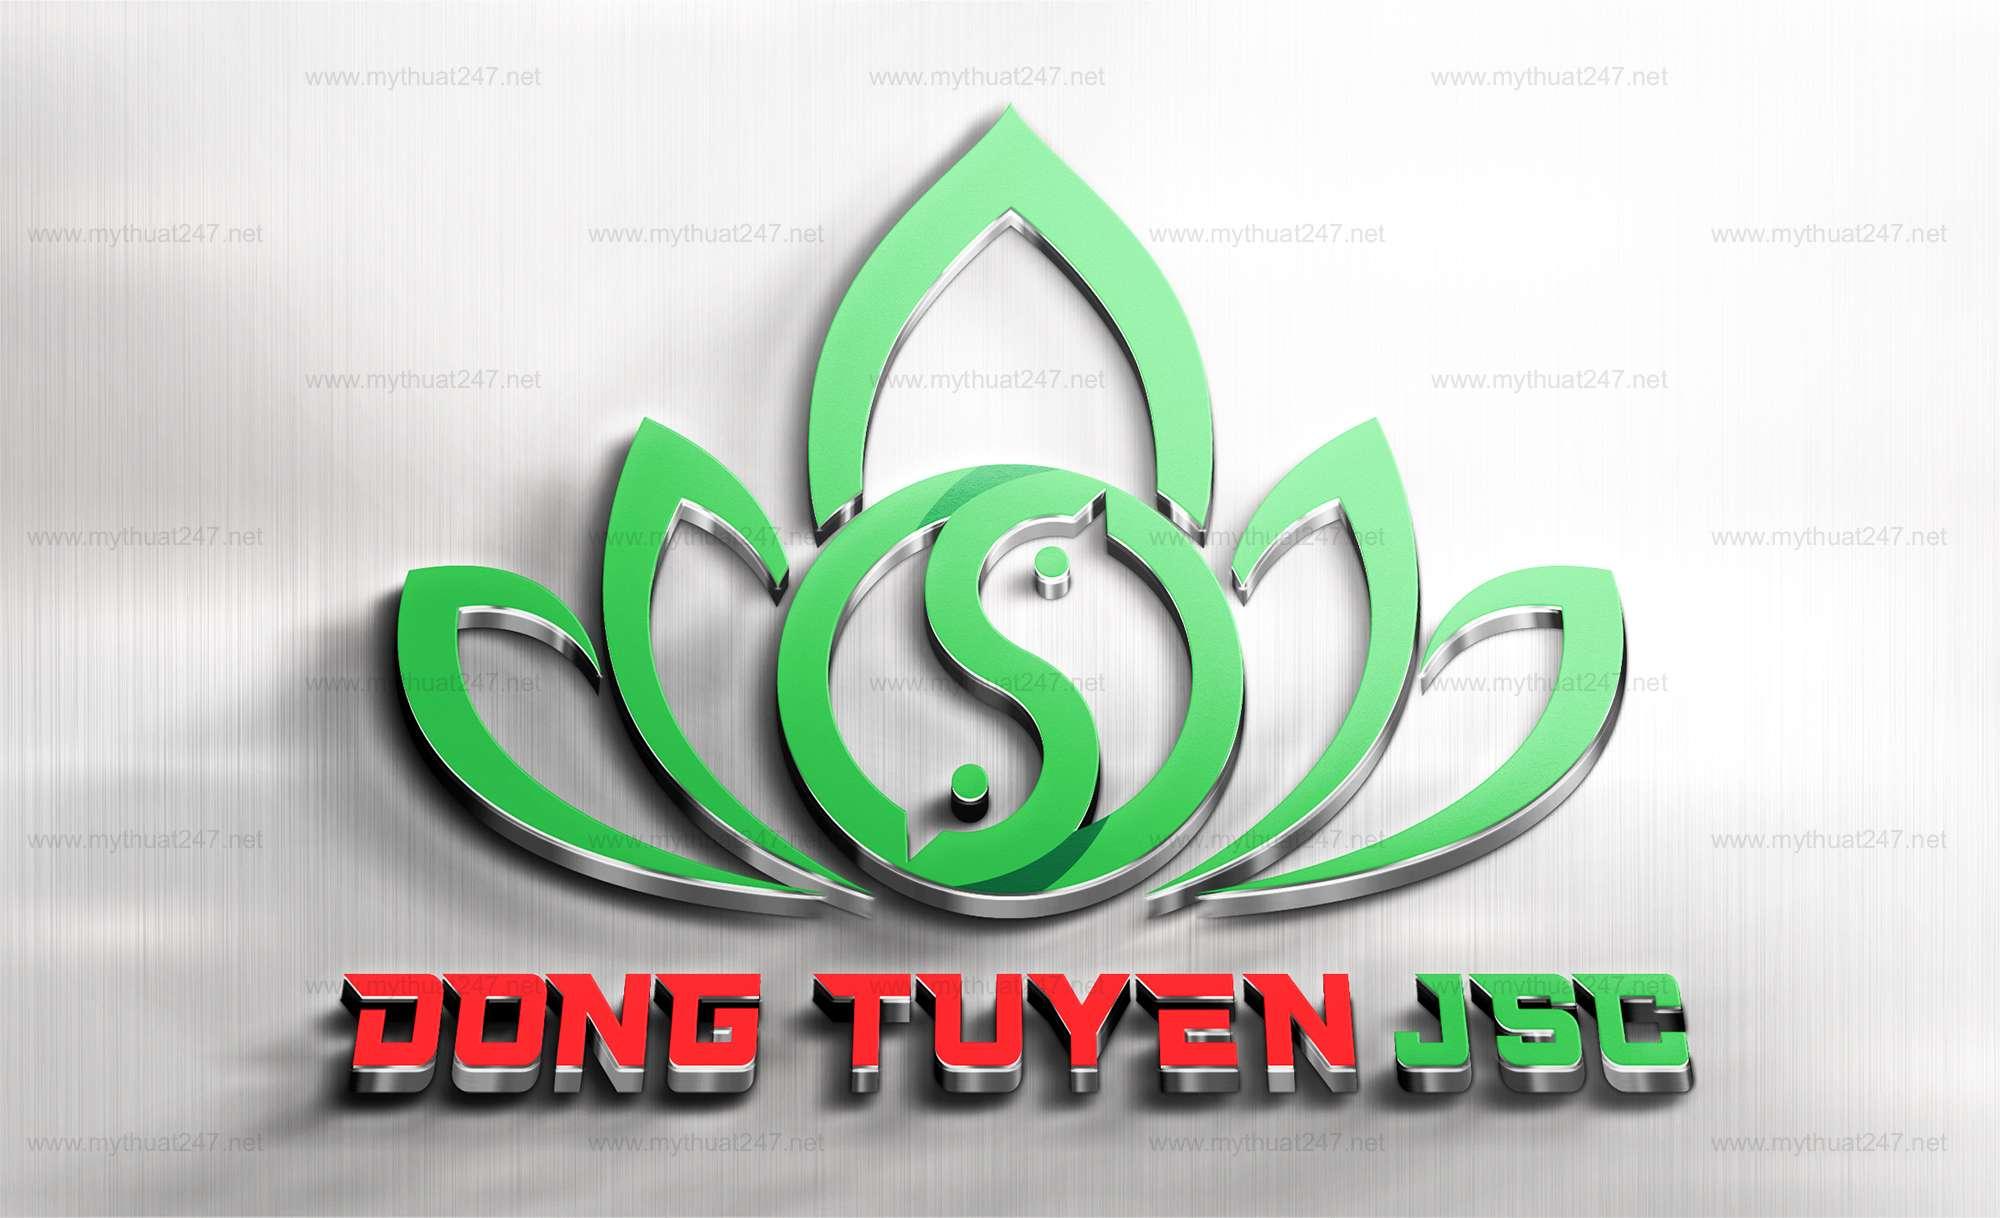 Thiết kế logo đông tuyền JSC